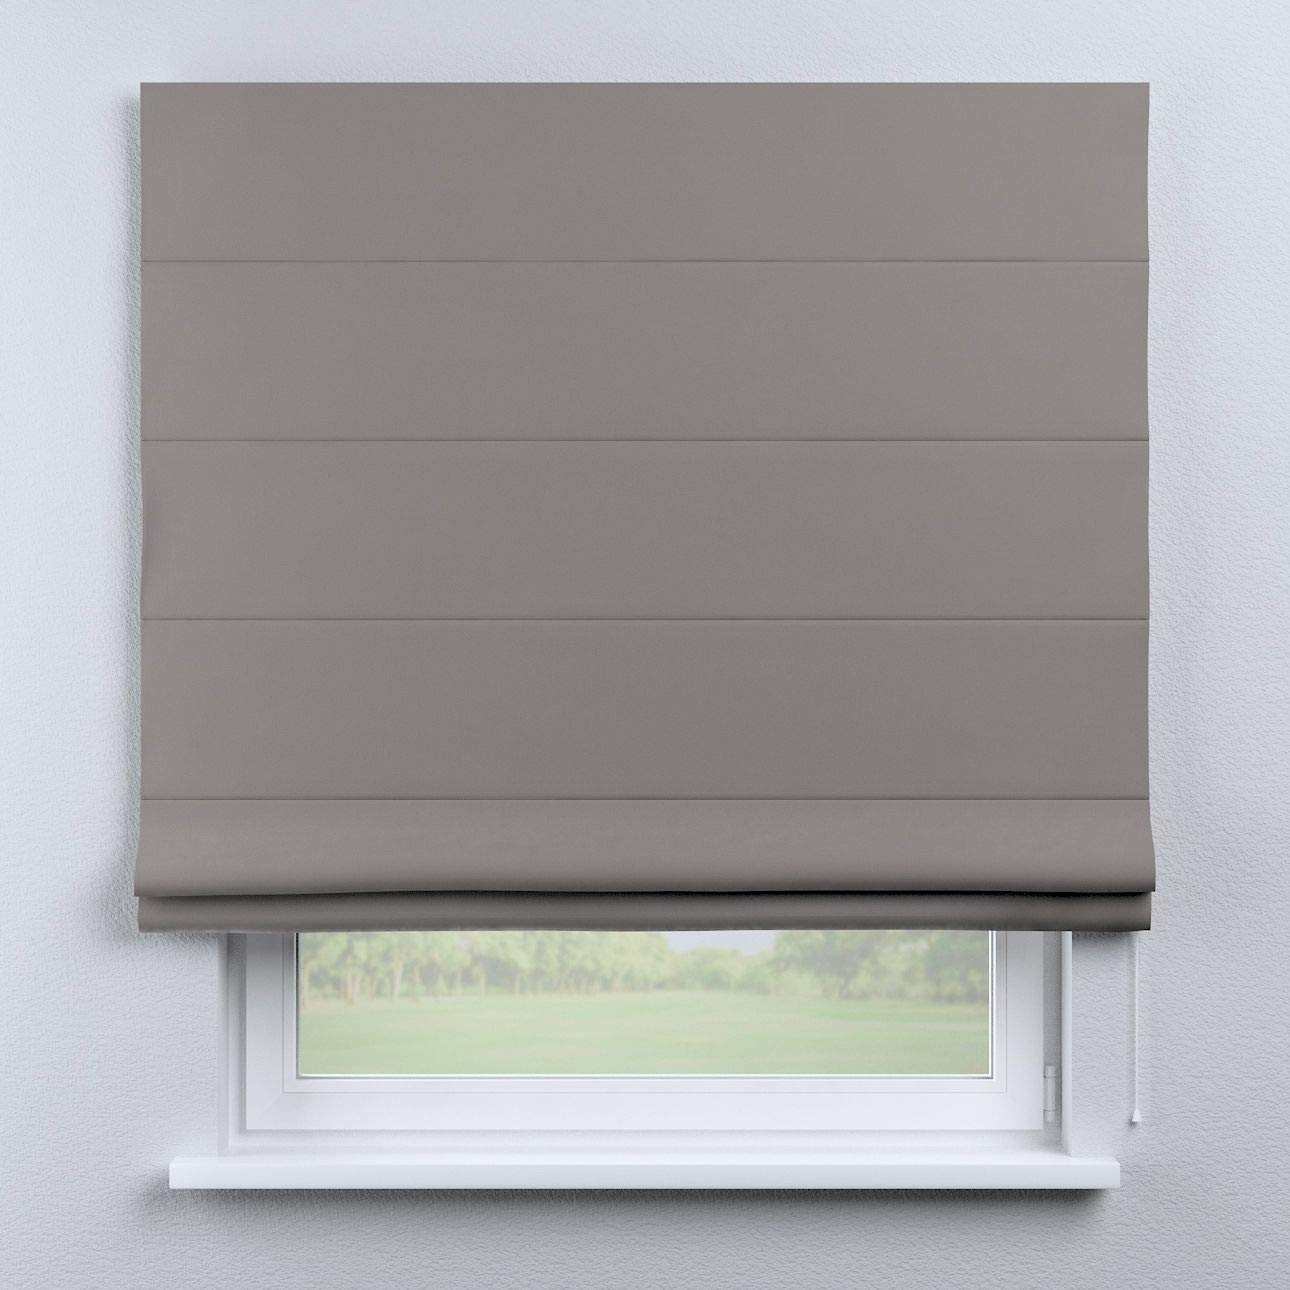 Dekoria Raffrollo Capri ohne Bohren Blickdicht Faltvorhang Raffgardine Wohnzimmer Schlafzimmer Kinderzimmer 100 × 170 cm grau Raffrollos auf Maß maßanfertigung möglich